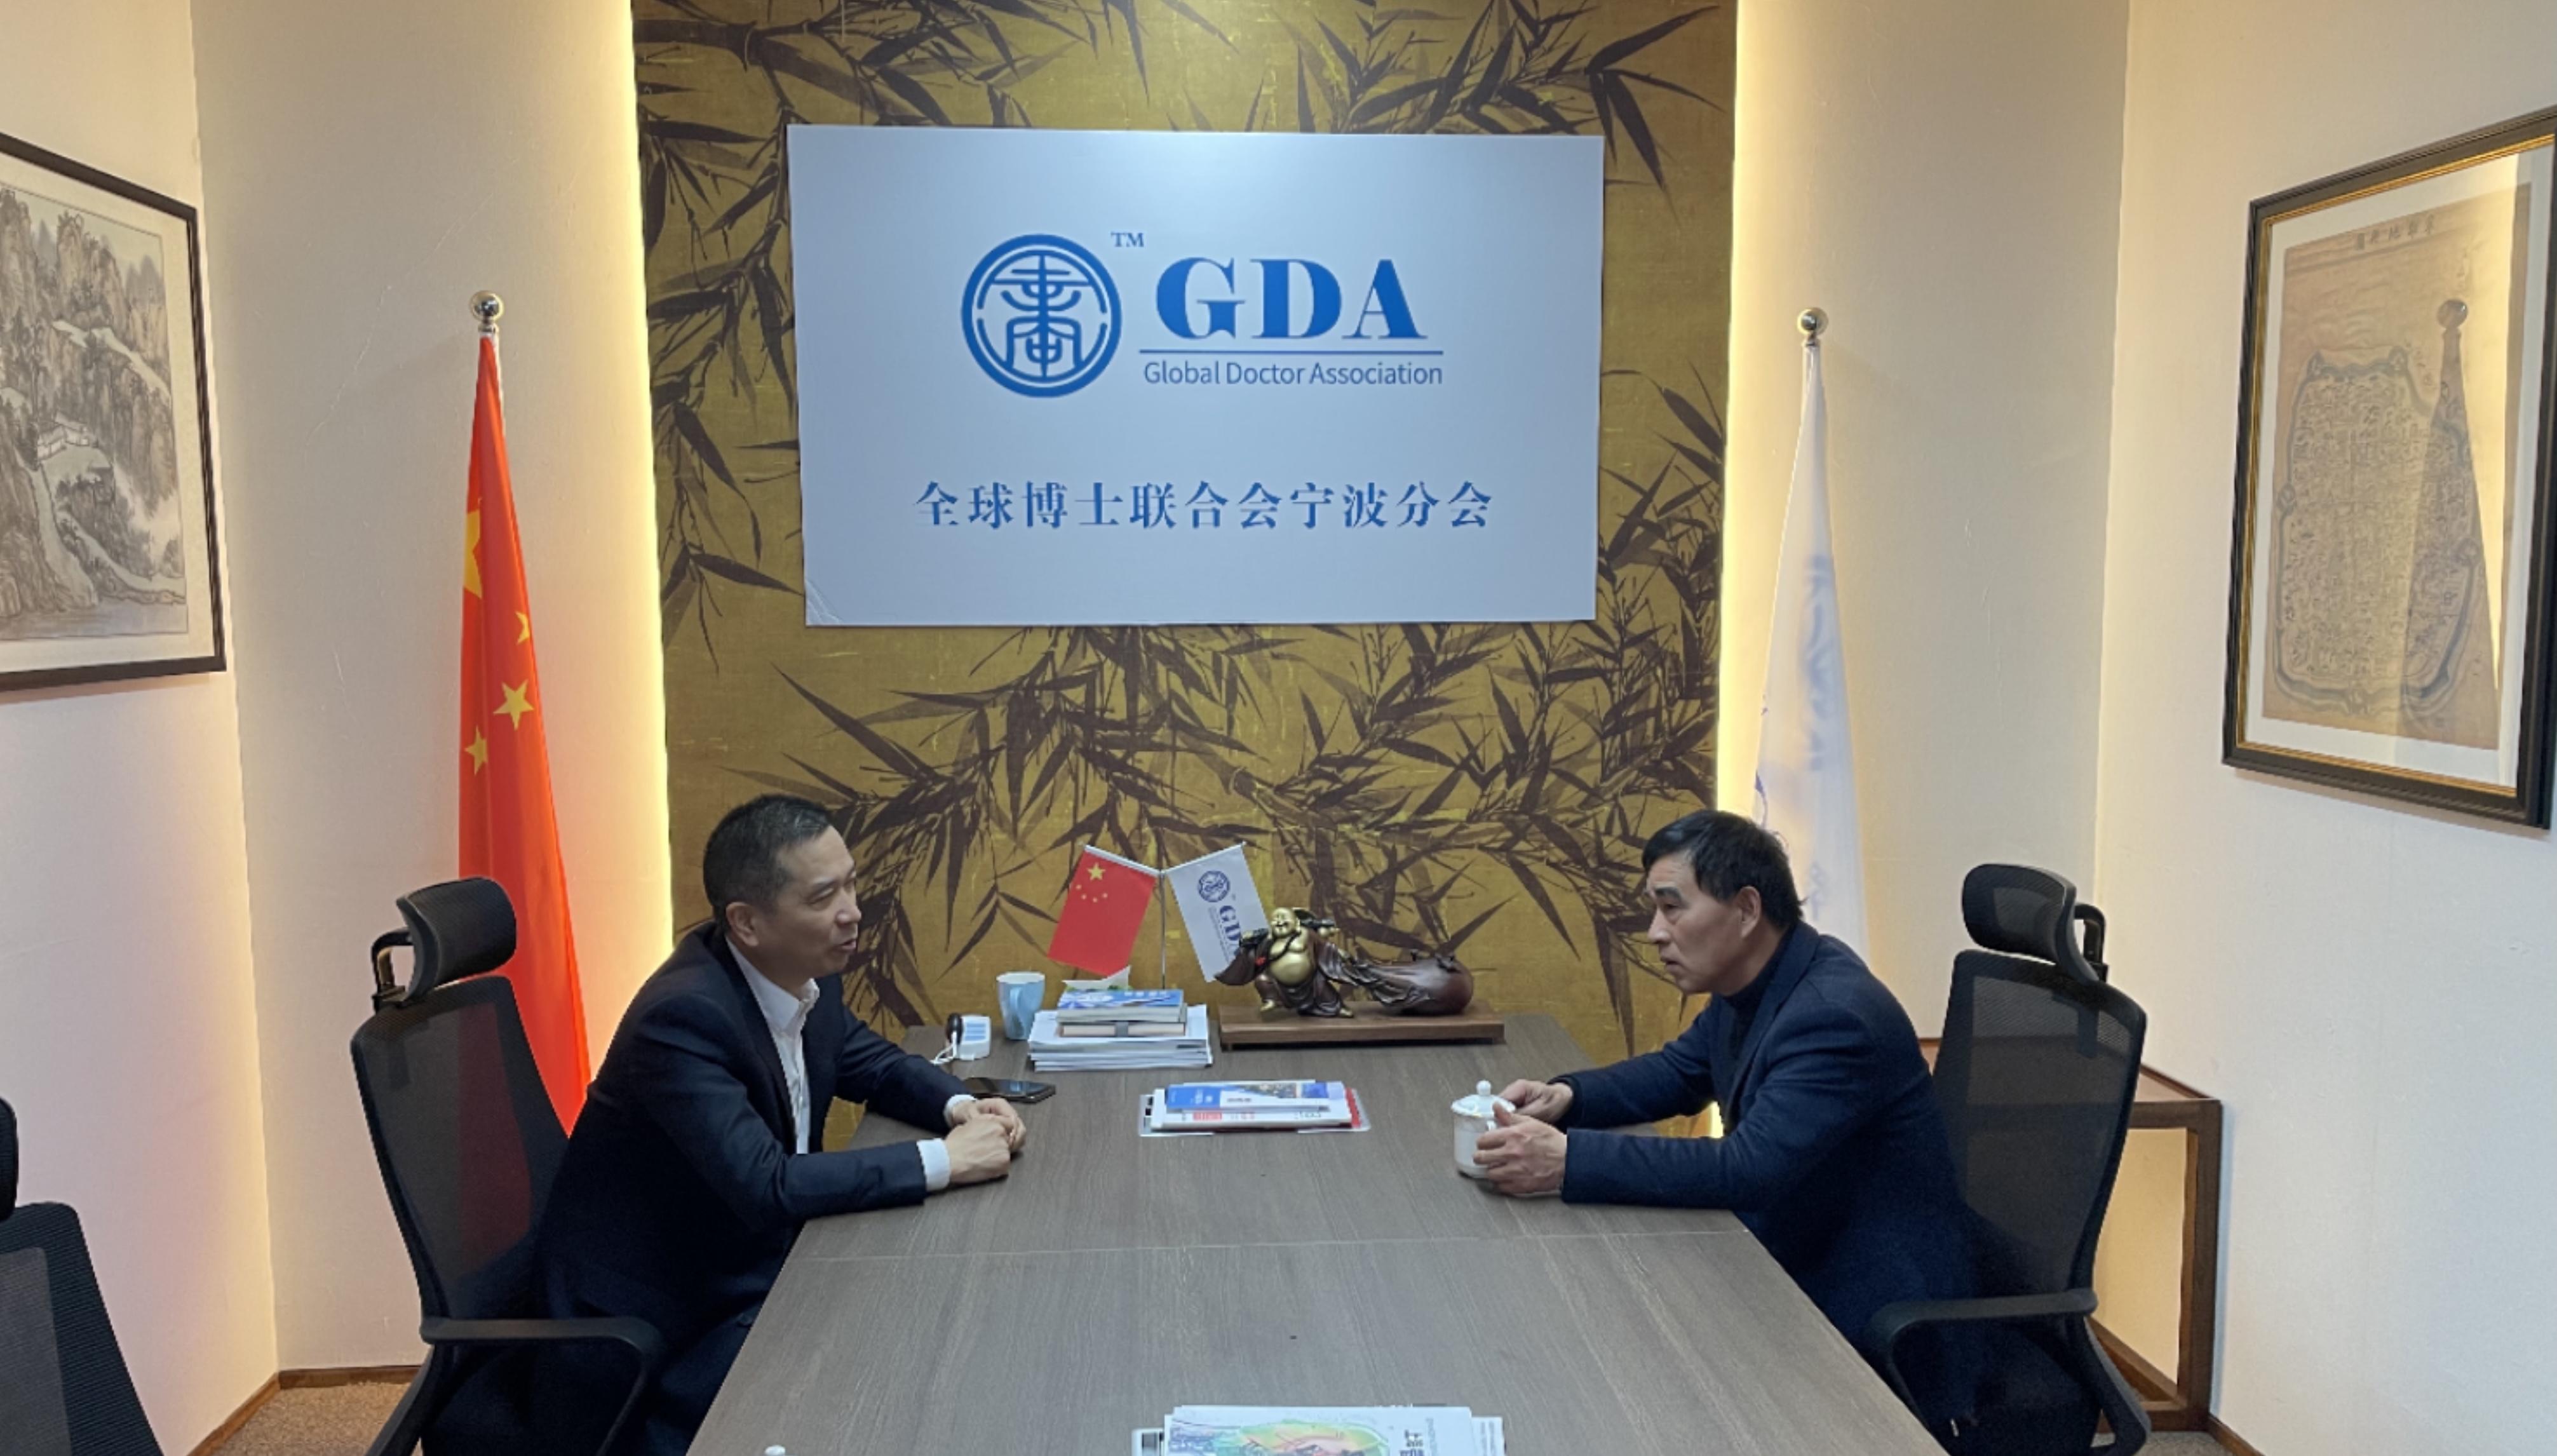 浙江民欣建设有限公司董事长张国明走访全球博士联合会